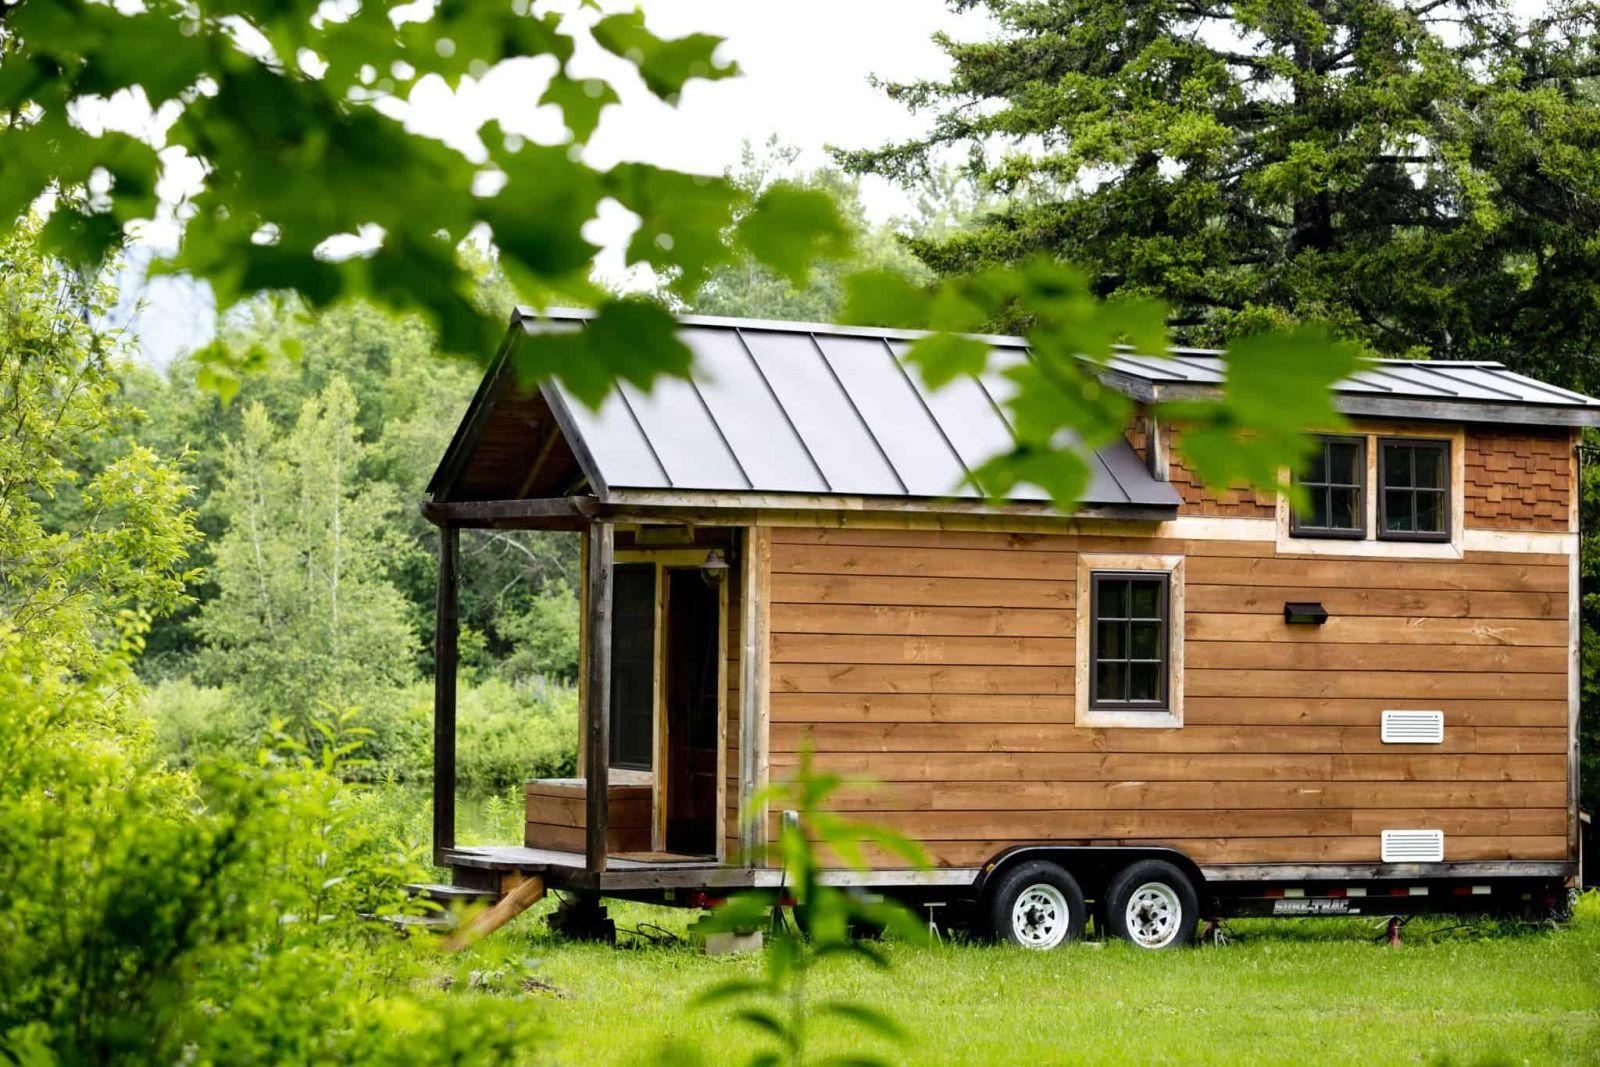 A tiny shed house on wheels